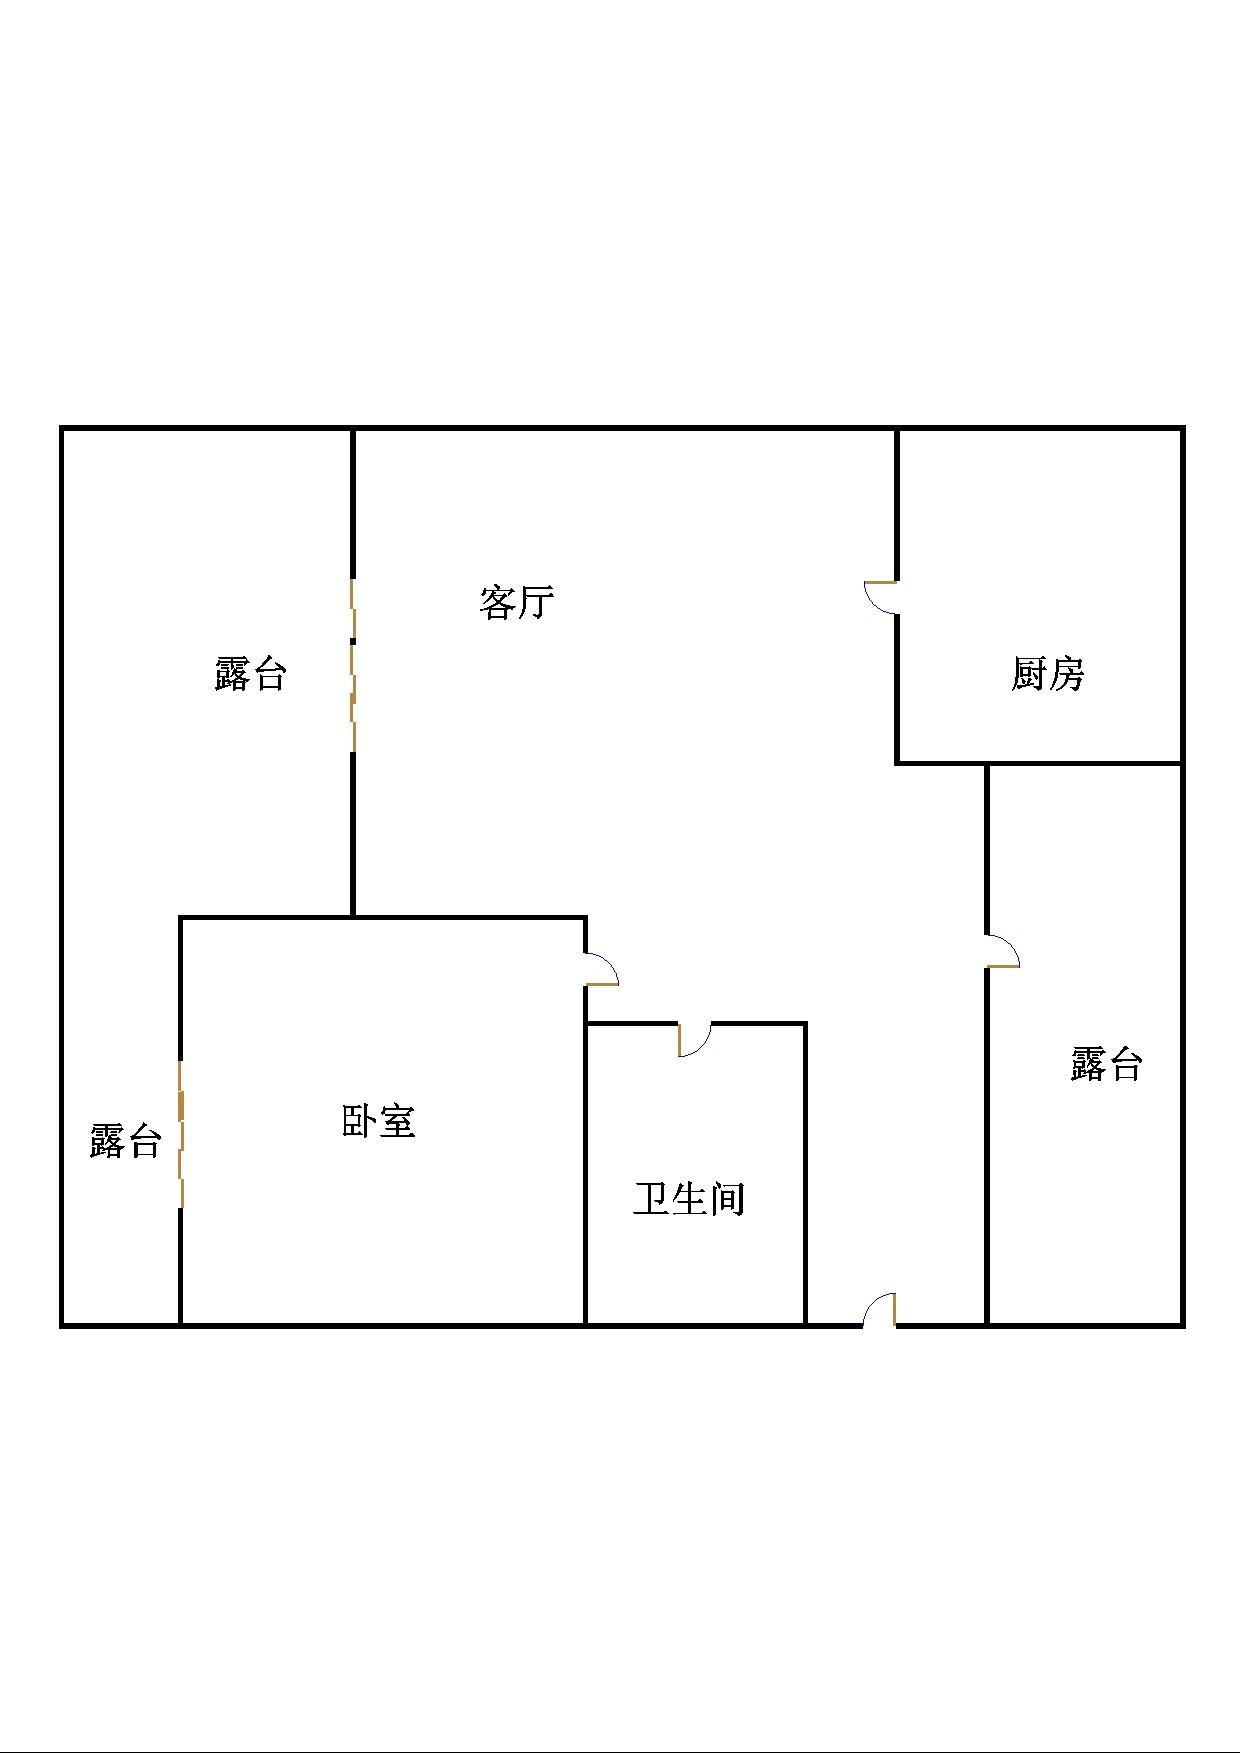 盛和景园 1室1厅 6楼